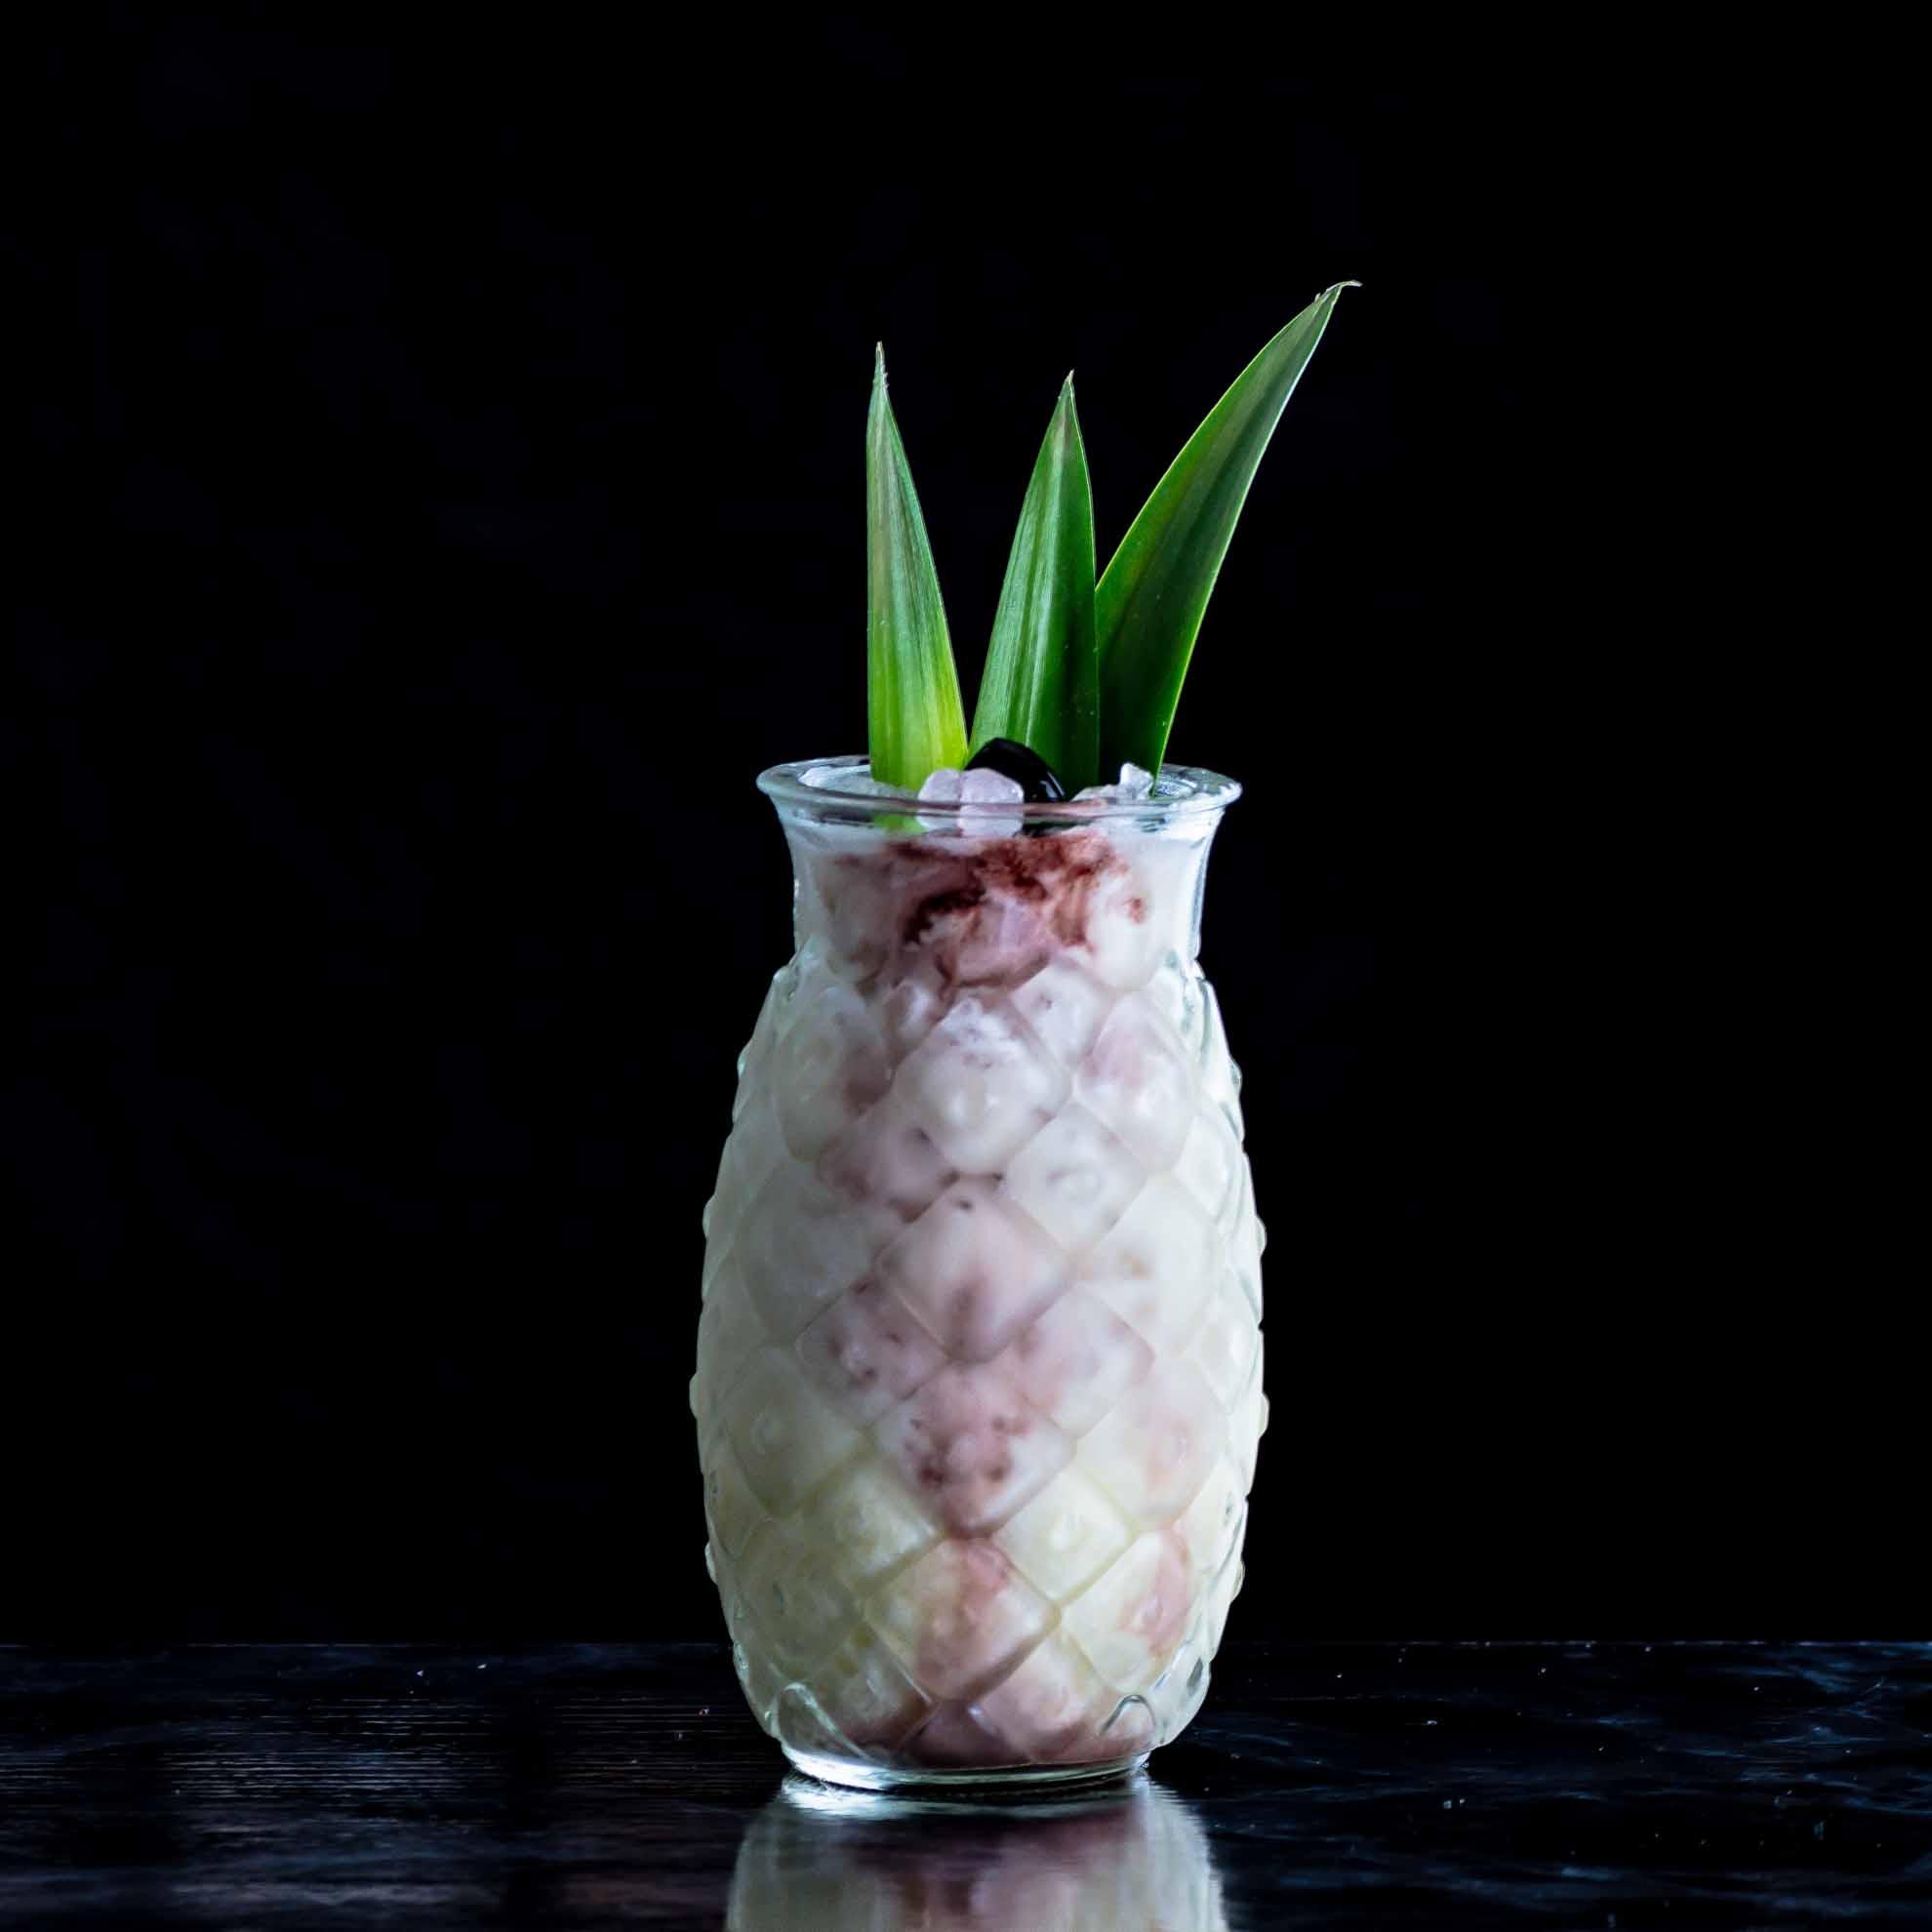 Ein saftige Cocktail-Kirsche als Garnitur kommt geschmacklich und optisch gut in der Pina Colada.